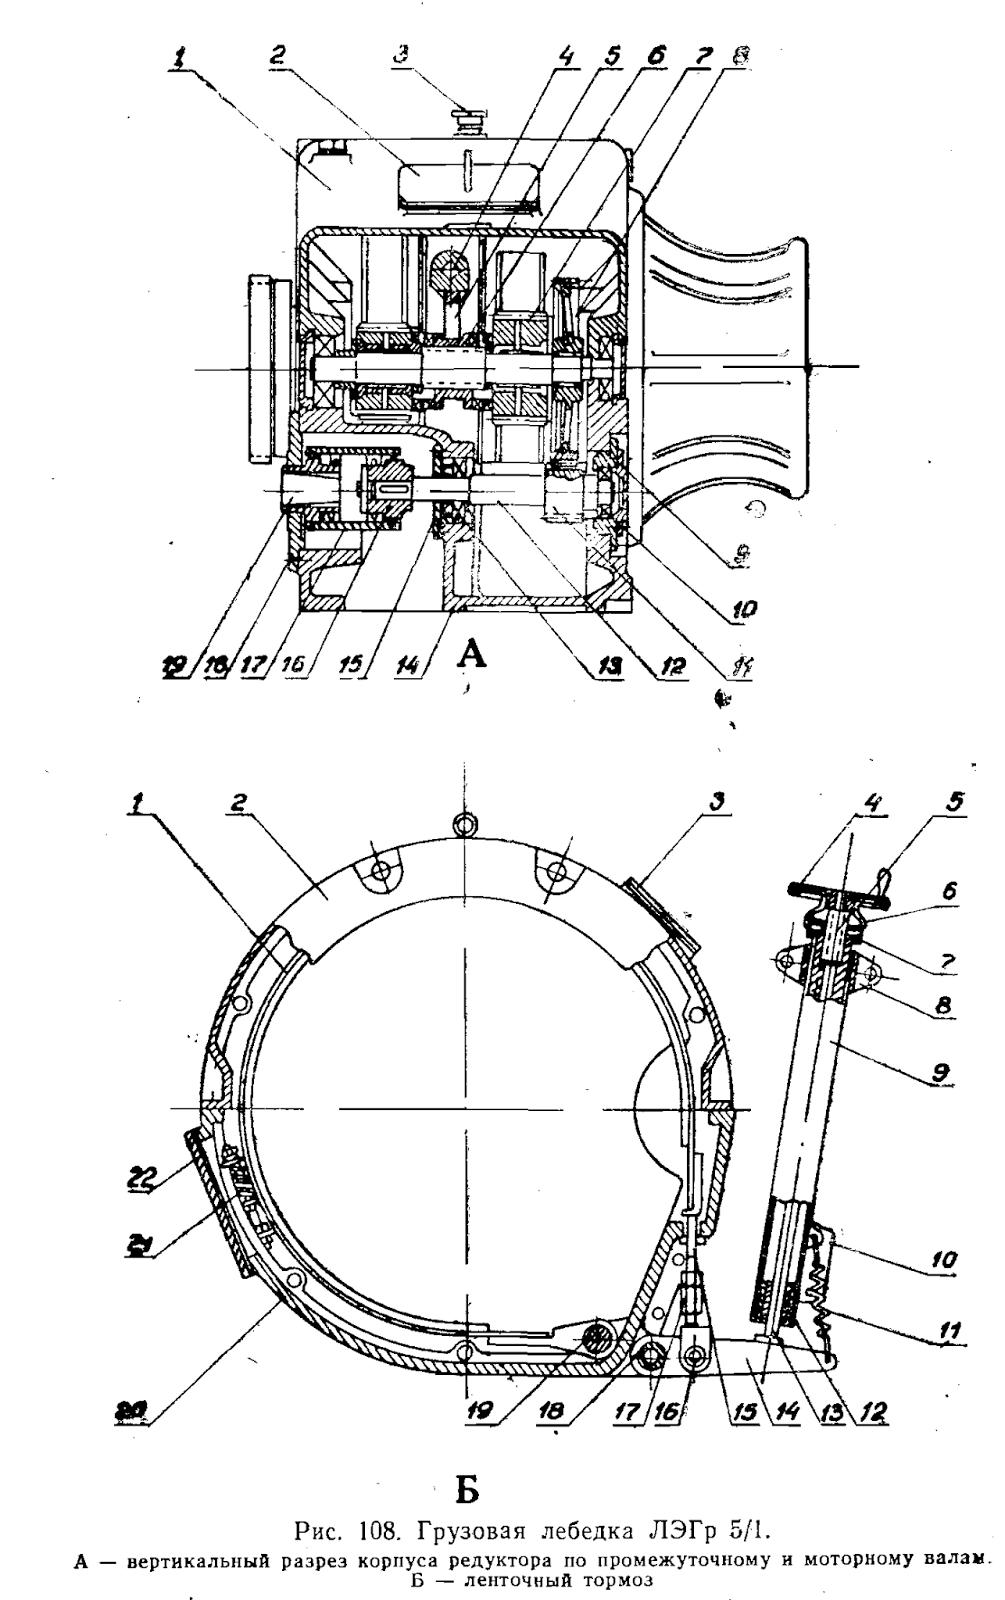 h схема управления траловой лебедки